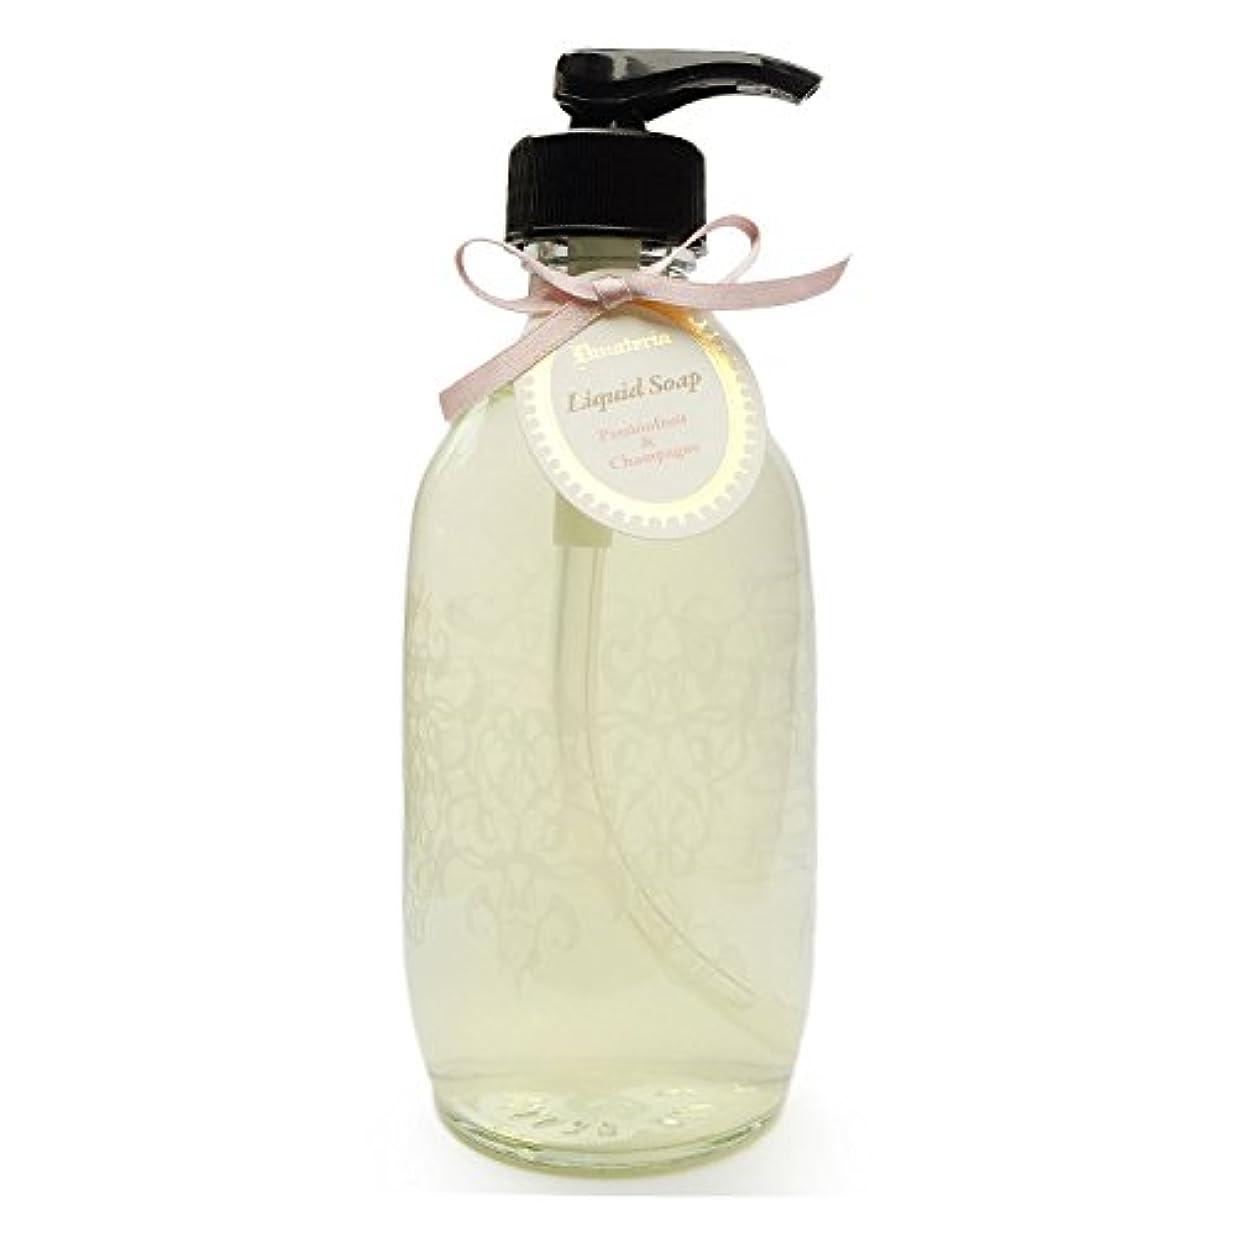 異邦人ファウル簿記係D materia リキッドソープ パッションフルーツ&シャンパン Passionfruit&Champagne Liquid Soap ディーマテリア